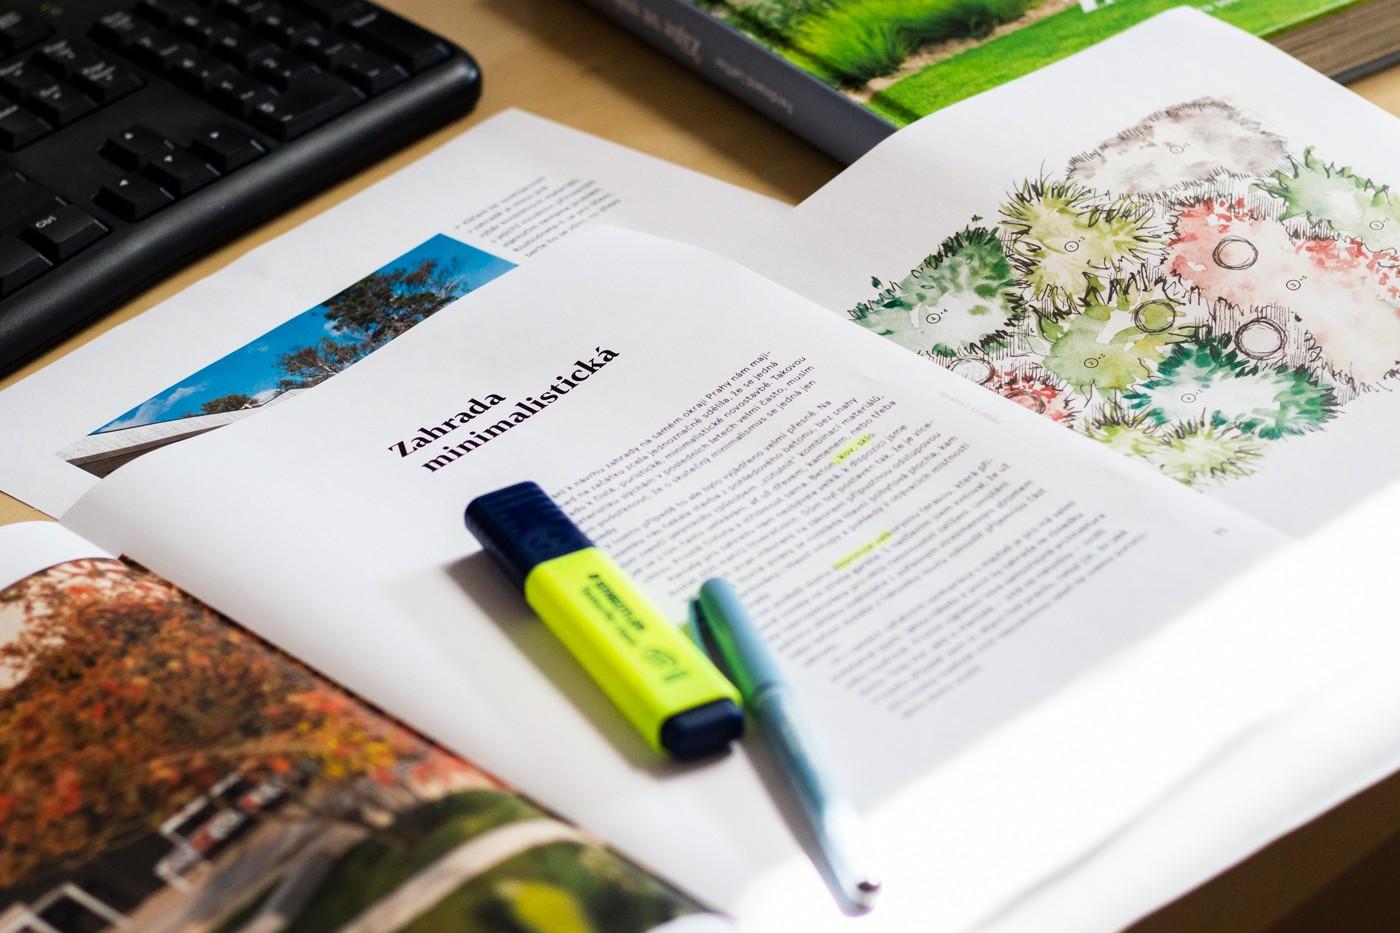 Svou novou knihu Žijte ve své zahradě Fardinand Leffler do detailu propracoval